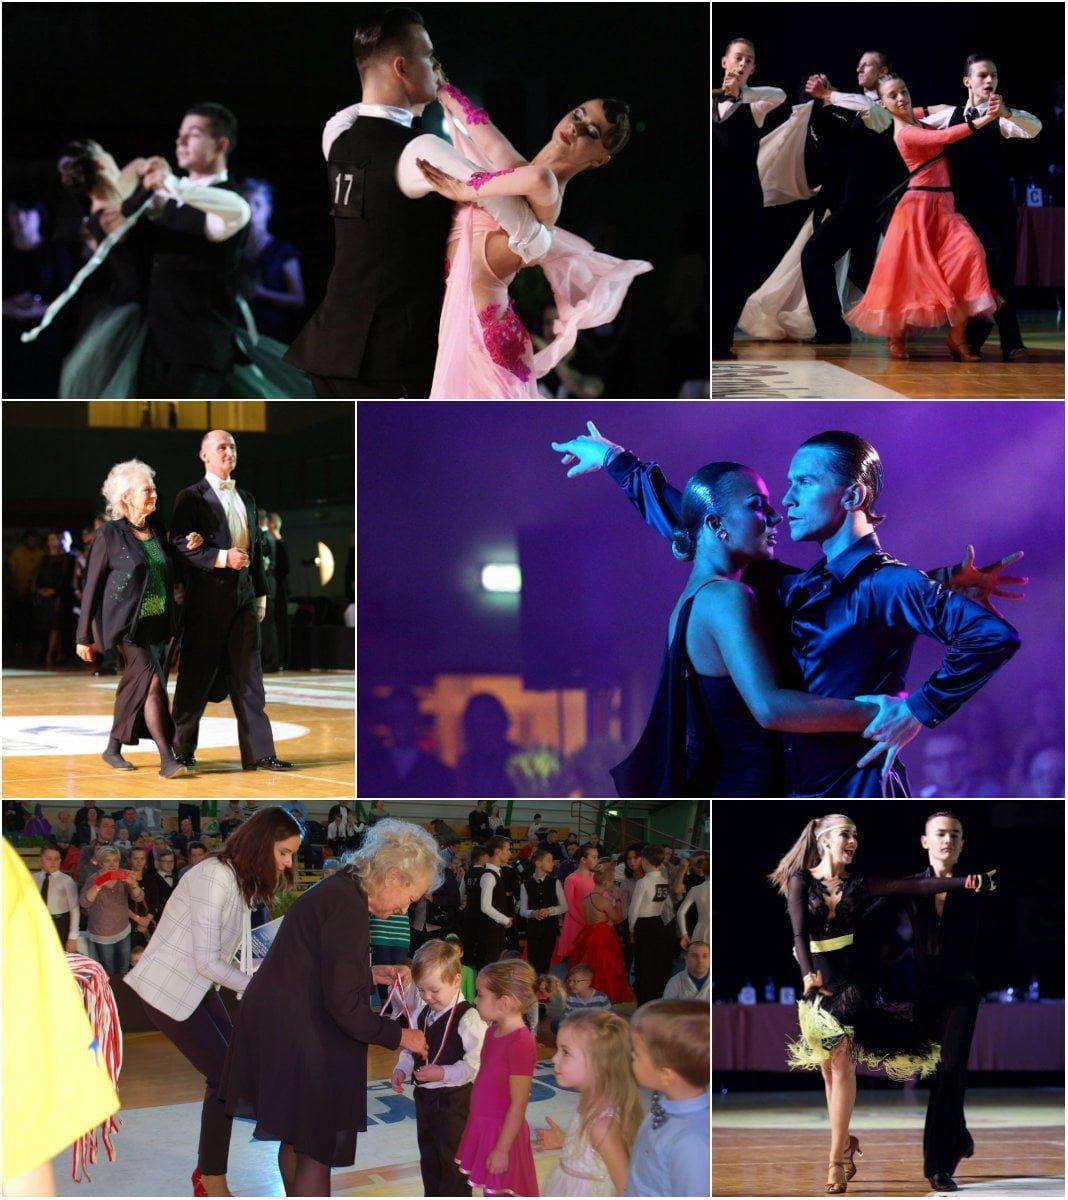 Ogólnopolski Turniej Tańca Towarzyskiego. II Memoriał Edwarda Kowalke